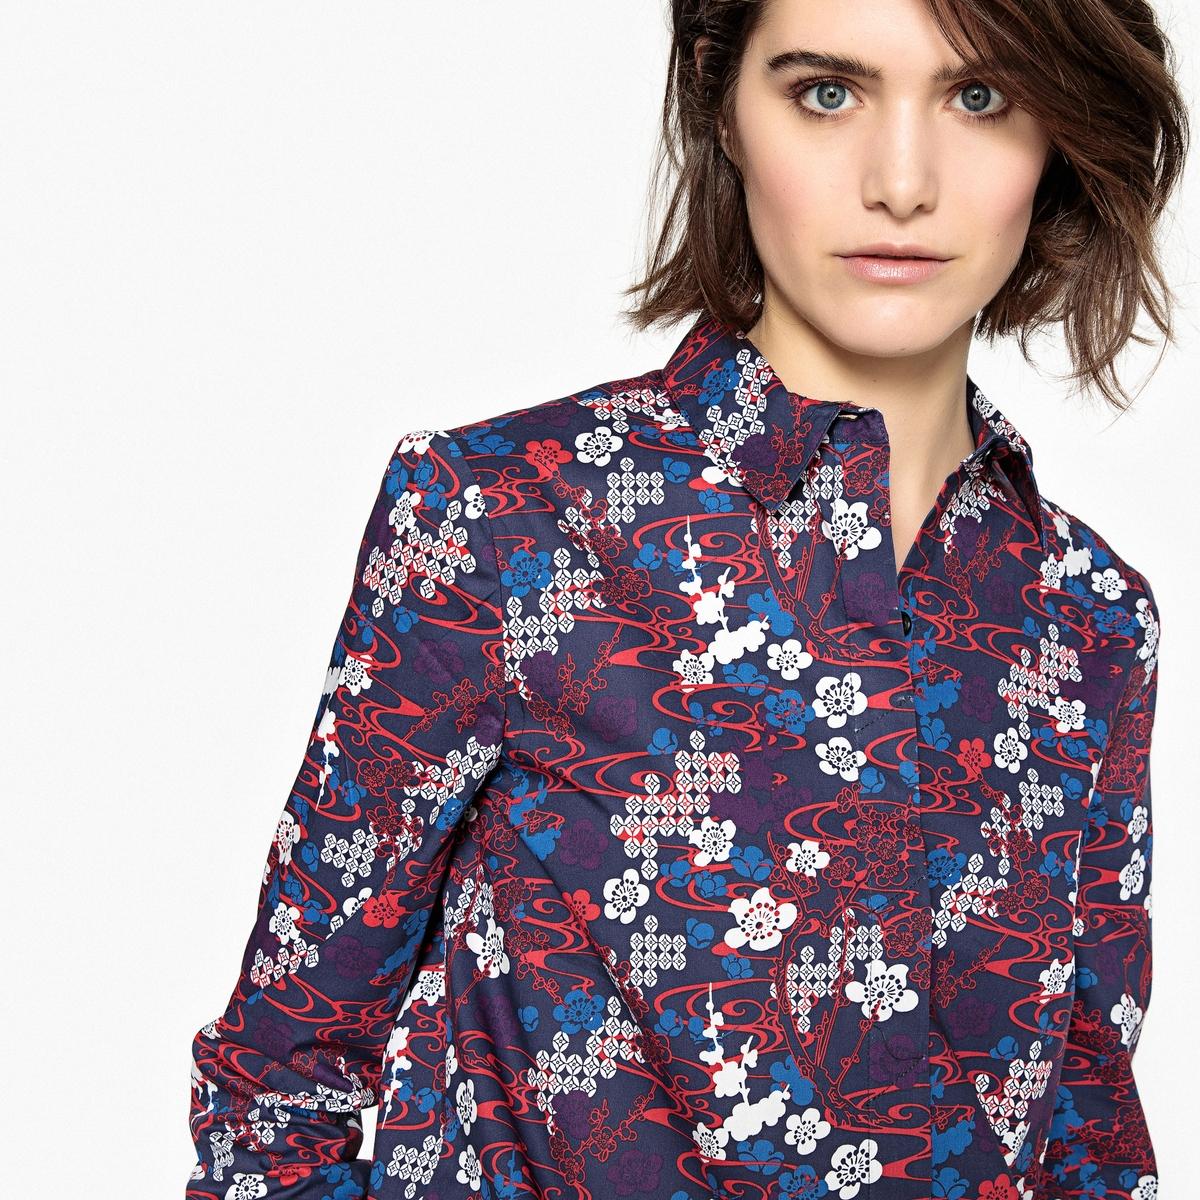 Блузка с цветочным рисунком и скрытой планкой застежки на пуговицы